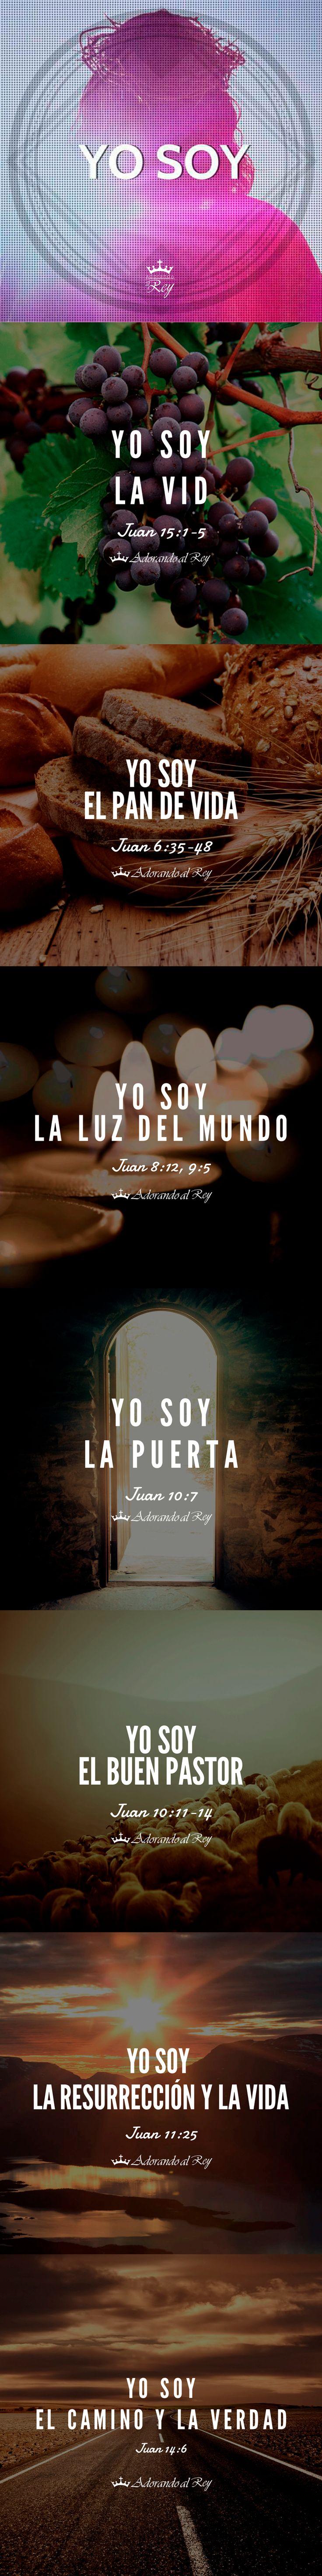 Yo soy la vid (Juan 15:1-5) Yo soy el pan de vida (Juan 6:35-48) Yo soy la luz del mundo (Juan 8:12, 9:5) Yo soy la puerta (Juan 10:7) Yo soy el buen pastor (Juan 10:11-14) Yo soy la resurrección y la vida (Juan 11:25) Yo soy el camino y la verdad (Juan 14:6) #GranYoSoy #YoSoy #Jesus #JesusCristo #JesuCristo #Redentor #Salvador #Dios #Jehova #EspirituSanto #EspirituDeDios #Juan #Evangelio #Biblia #PalabraDeDios #Amen #Aleluya #Cristocentricos #Cristianos #Avivamiento #AdorandoalRey